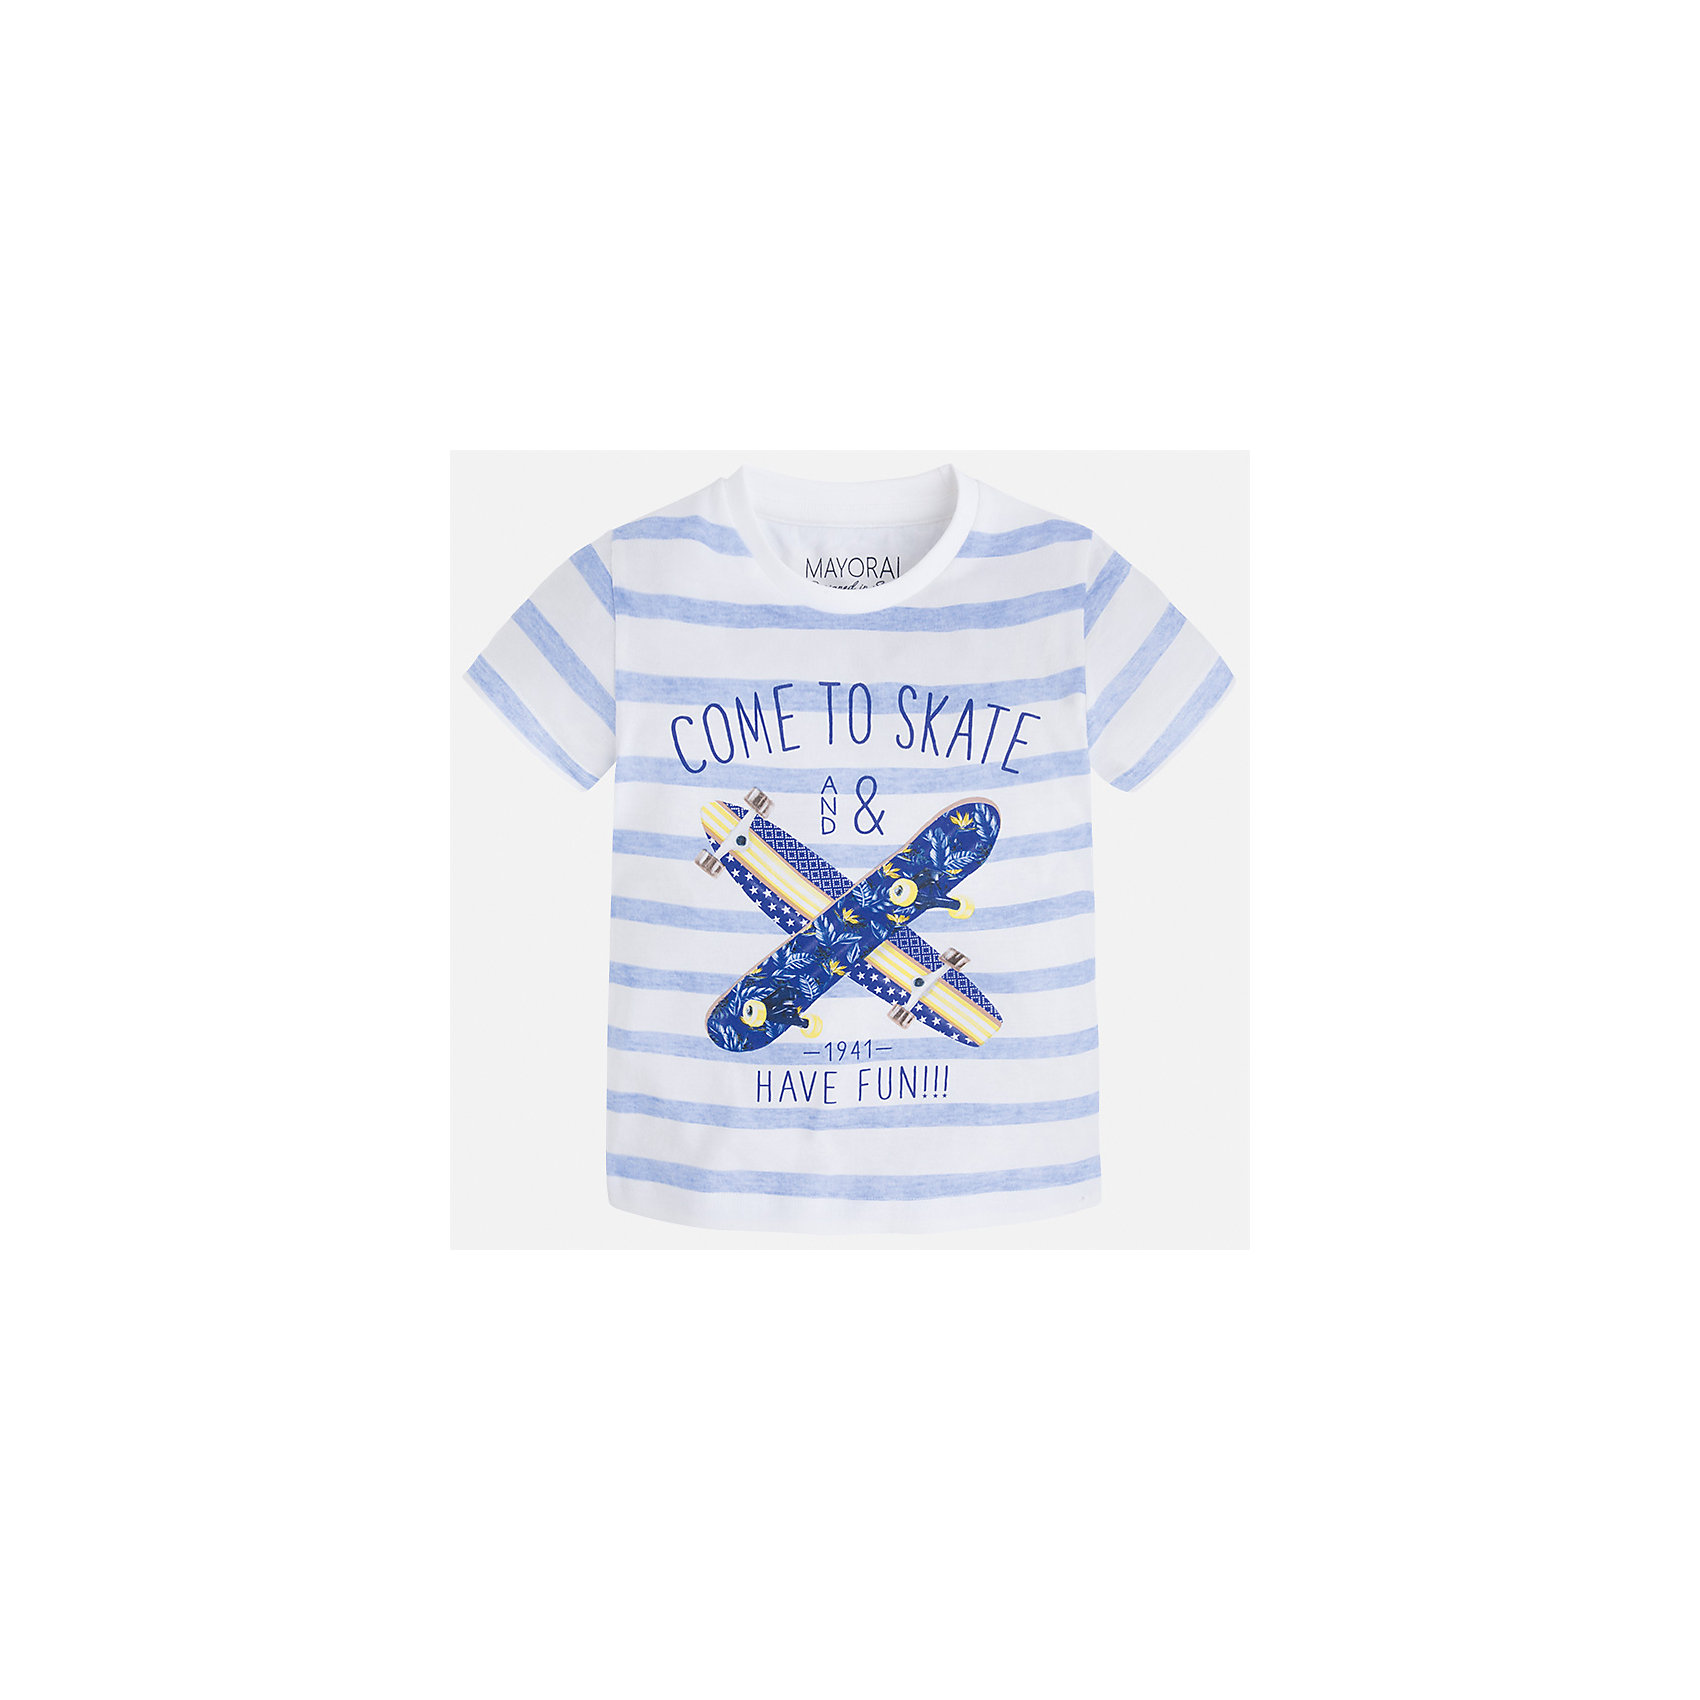 Футболка для мальчика MayoralФутболки, поло и топы<br>Характеристики товара:<br><br>• цвет: белый/голубой<br>• состав: 100% хлопок<br>• круглый горловой вырез<br>• декорирована принтом<br>• короткие рукава<br>• отделка горловины<br>• страна бренда: Испания<br><br>Модная удобная футболка с принтом поможет разнообразить гардероб мальчика. Она отлично сочетается с брюками, шортами, джинсами. Универсальный крой и цвет позволяет подобрать к вещи низ разных расцветок. Практичное и стильное изделие! Хорошо смотрится и комфортно сидит на детях. В составе материала - только натуральный хлопок, гипоаллергенный, приятный на ощупь, дышащий. <br><br>Одежда, обувь и аксессуары от испанского бренда Mayoral полюбились детям и взрослым по всему миру. Модели этой марки - стильные и удобные. Для их производства используются только безопасные, качественные материалы и фурнитура. Порадуйте ребенка модными и красивыми вещами от Mayoral! <br><br>Футболку для мальчика от испанского бренда Mayoral (Майорал) можно купить в нашем интернет-магазине.<br><br>Ширина мм: 199<br>Глубина мм: 10<br>Высота мм: 161<br>Вес г: 151<br>Цвет: белый<br>Возраст от месяцев: 18<br>Возраст до месяцев: 24<br>Пол: Мужской<br>Возраст: Детский<br>Размер: 92,134,128,122,110,116,104,98<br>SKU: 5279845